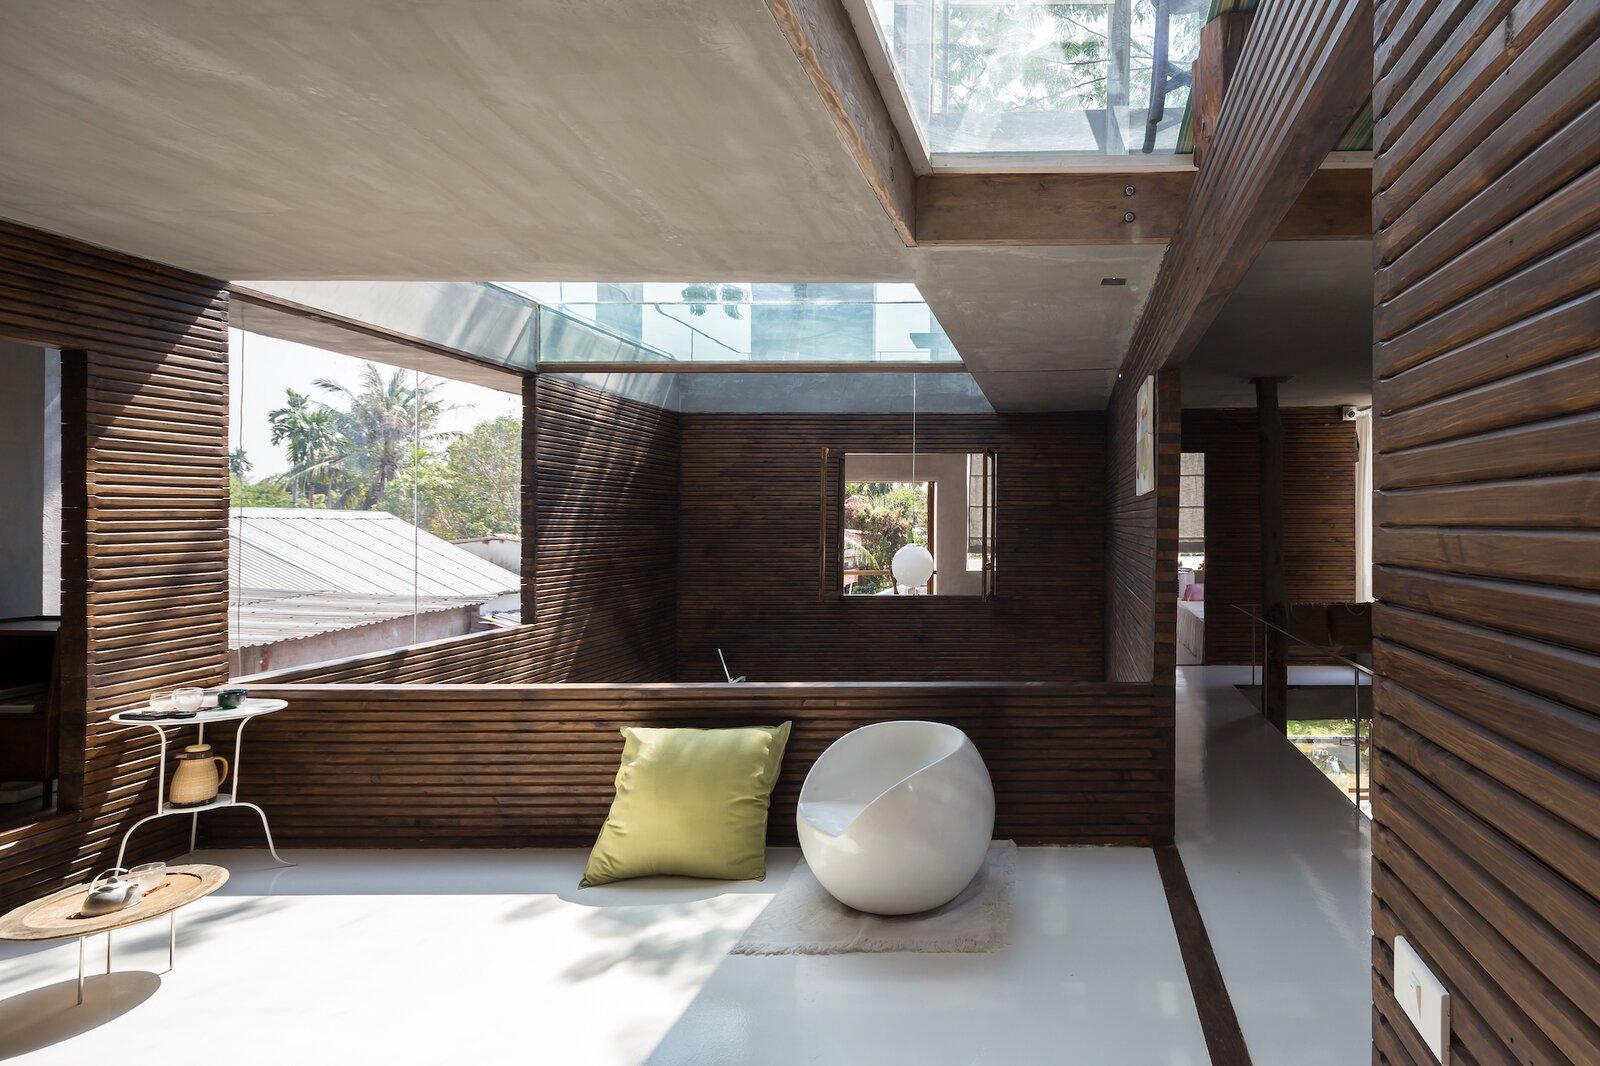 Da House living area